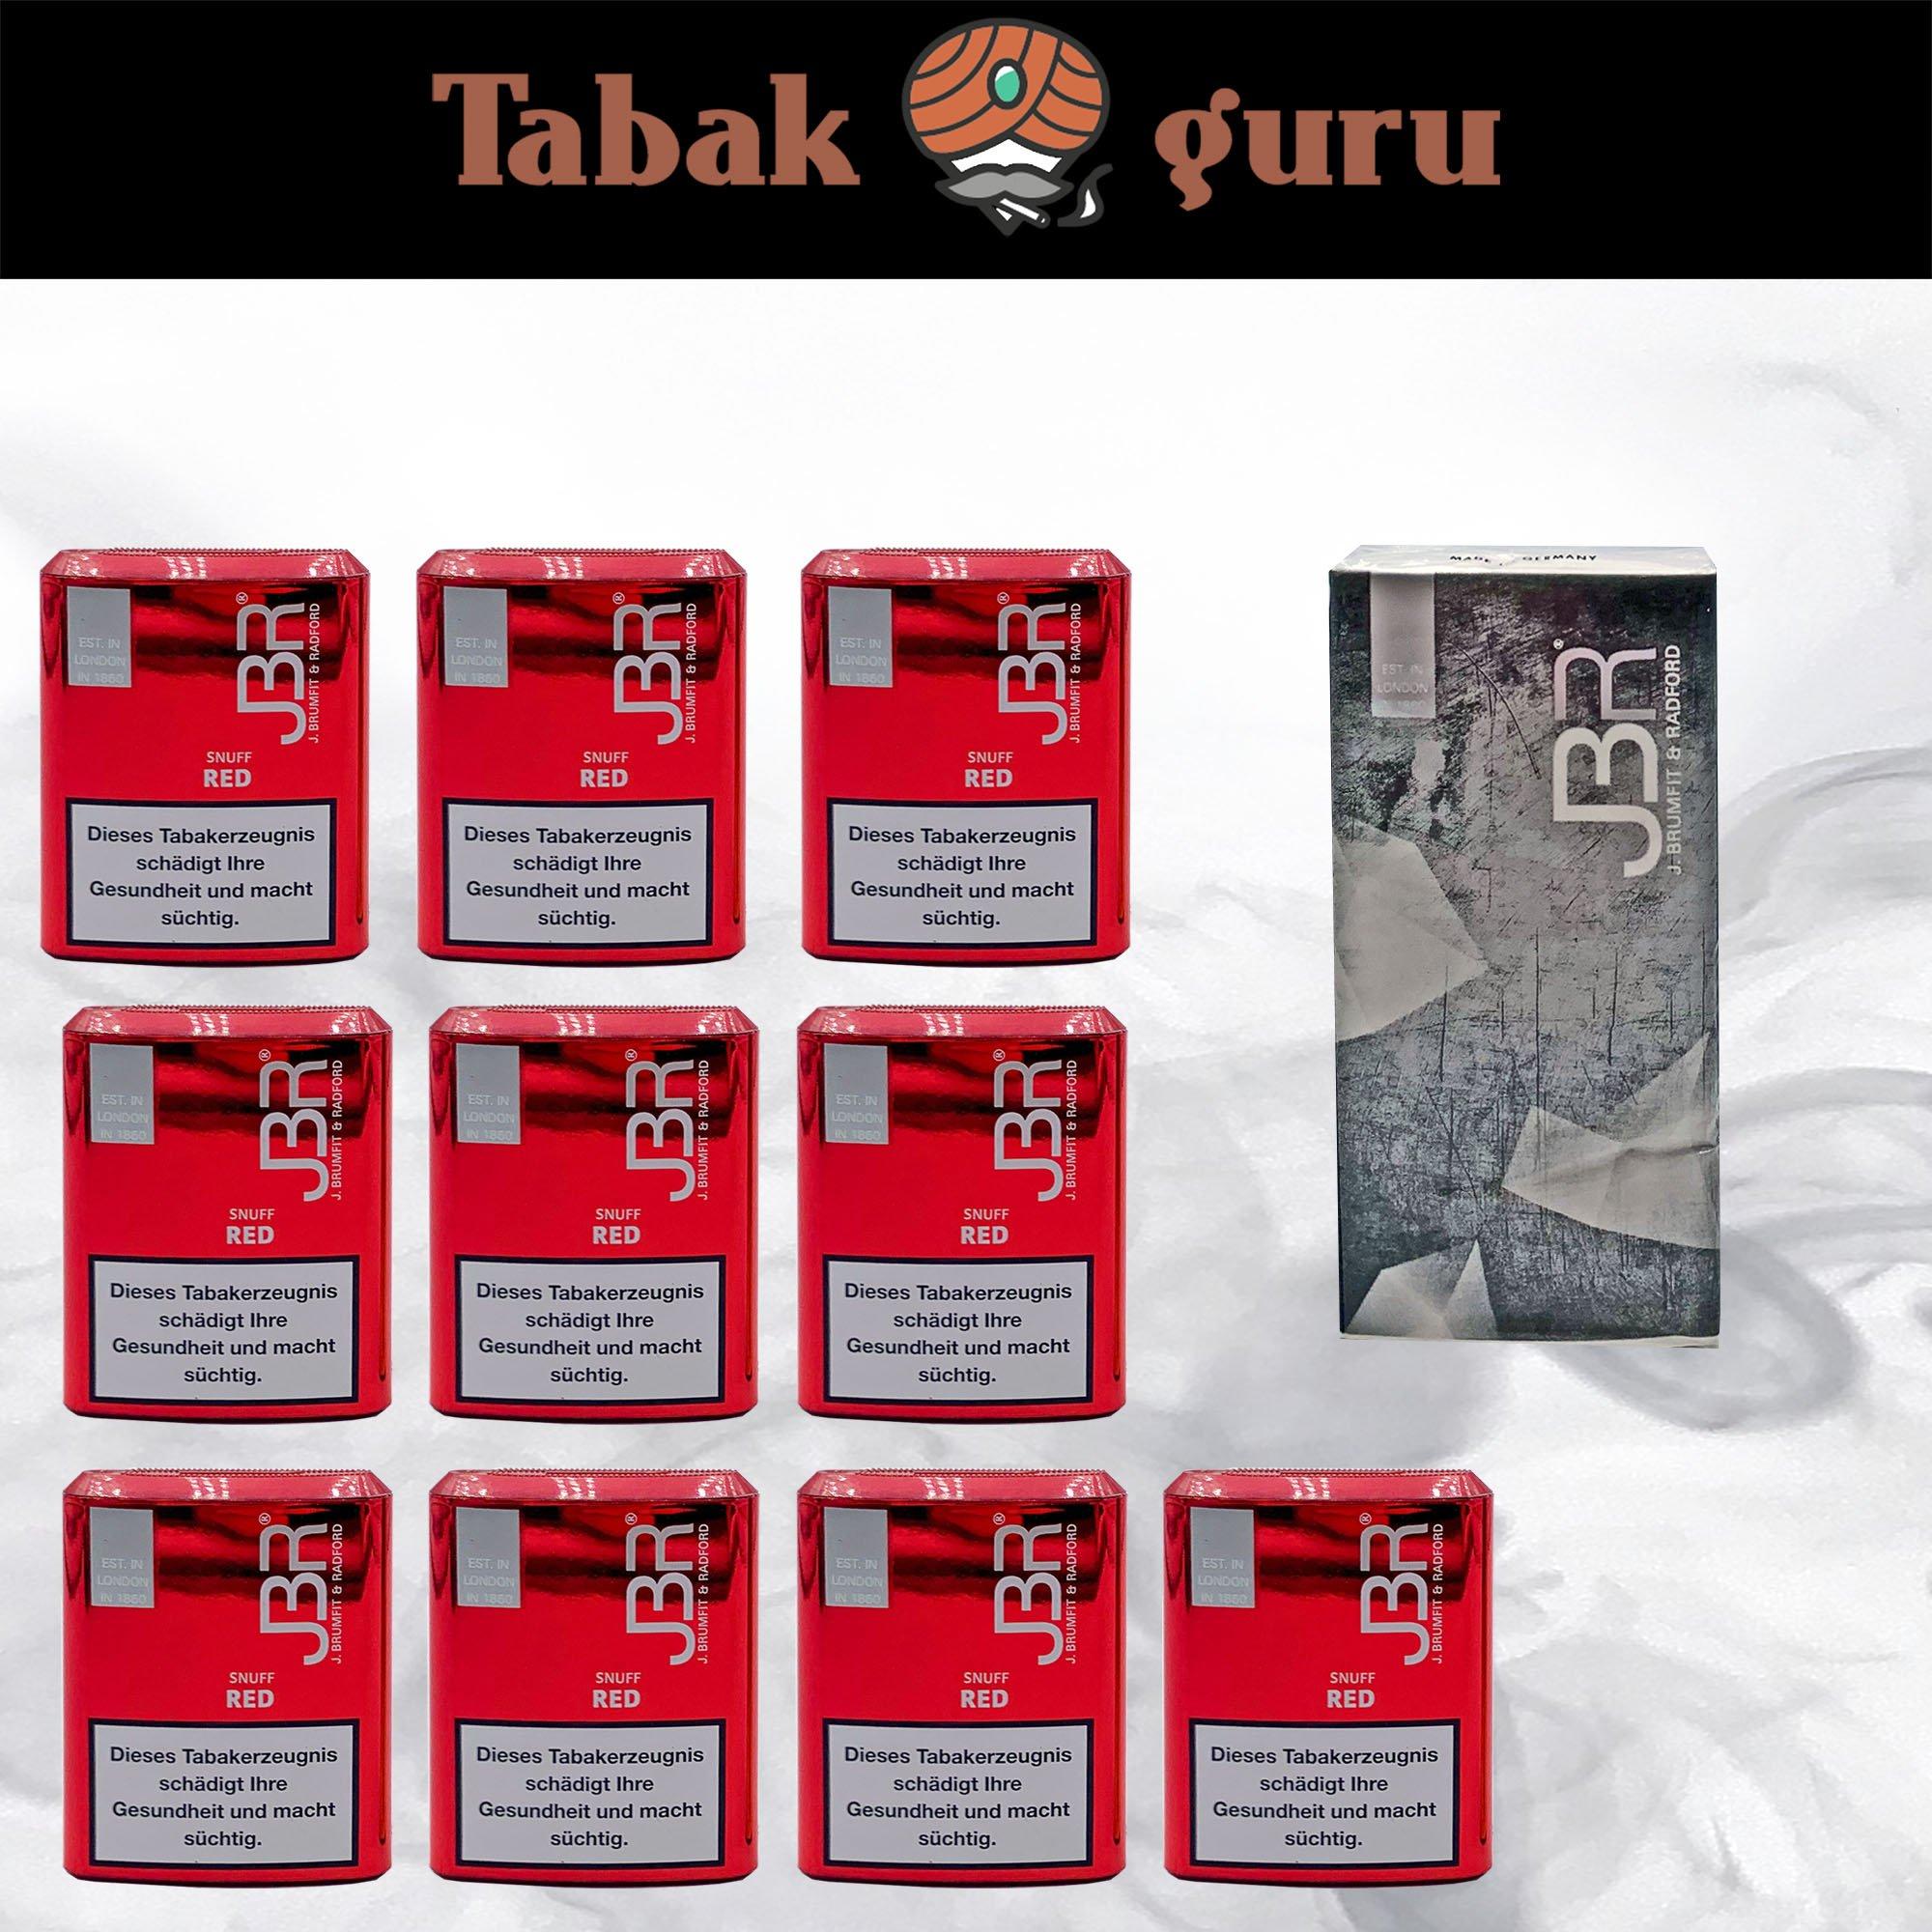 10 JBR Red Snuff Schnupftabak + Taschentücher